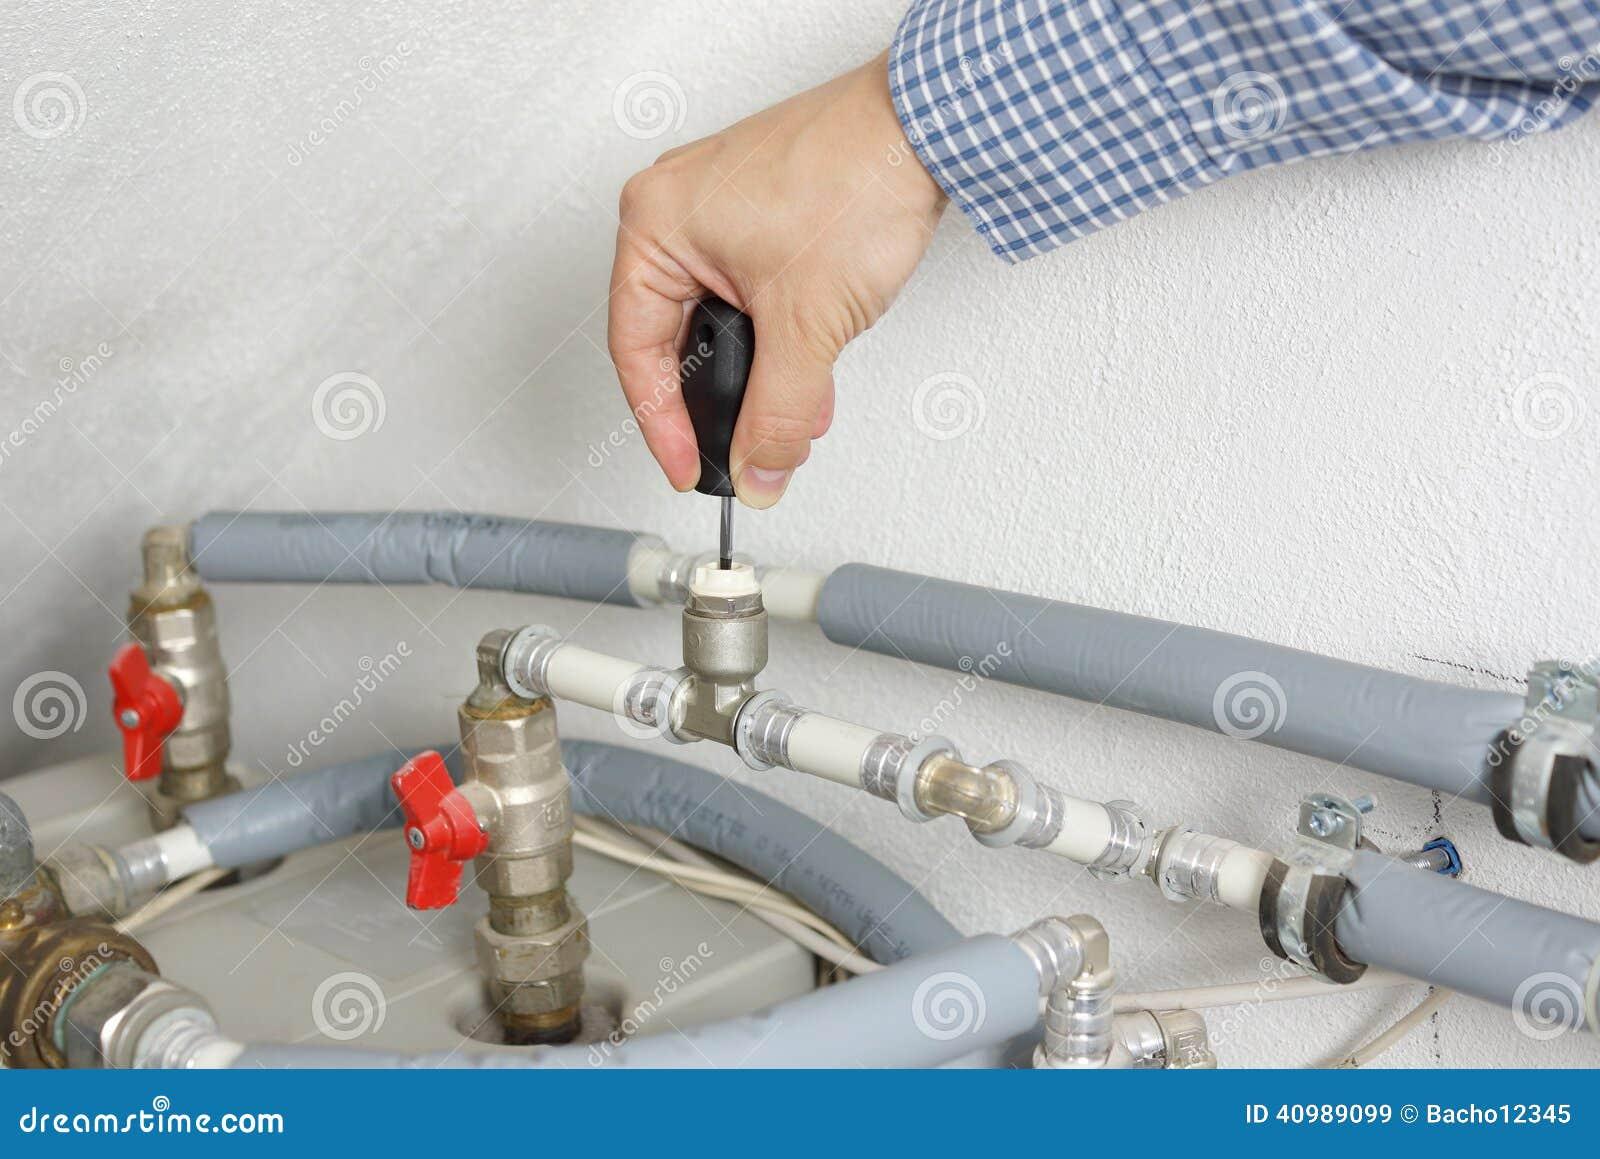 Groß Warum Wird Wasser In Zentralheizungssystemen Verwendet Bilder ...